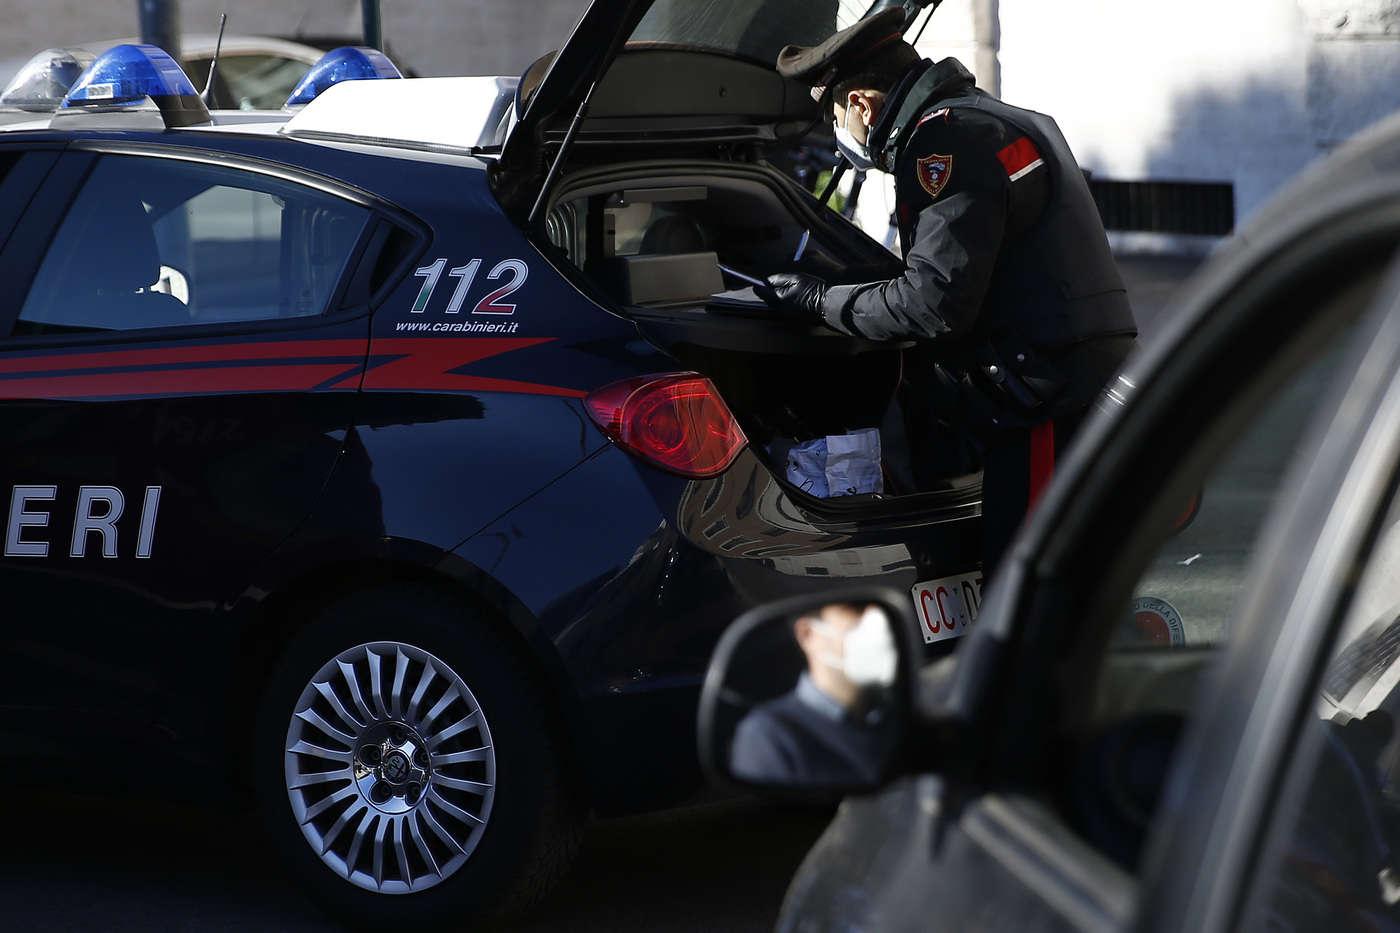 Uccide la moglie a martellate : Arrestato 51enne a Vicenza